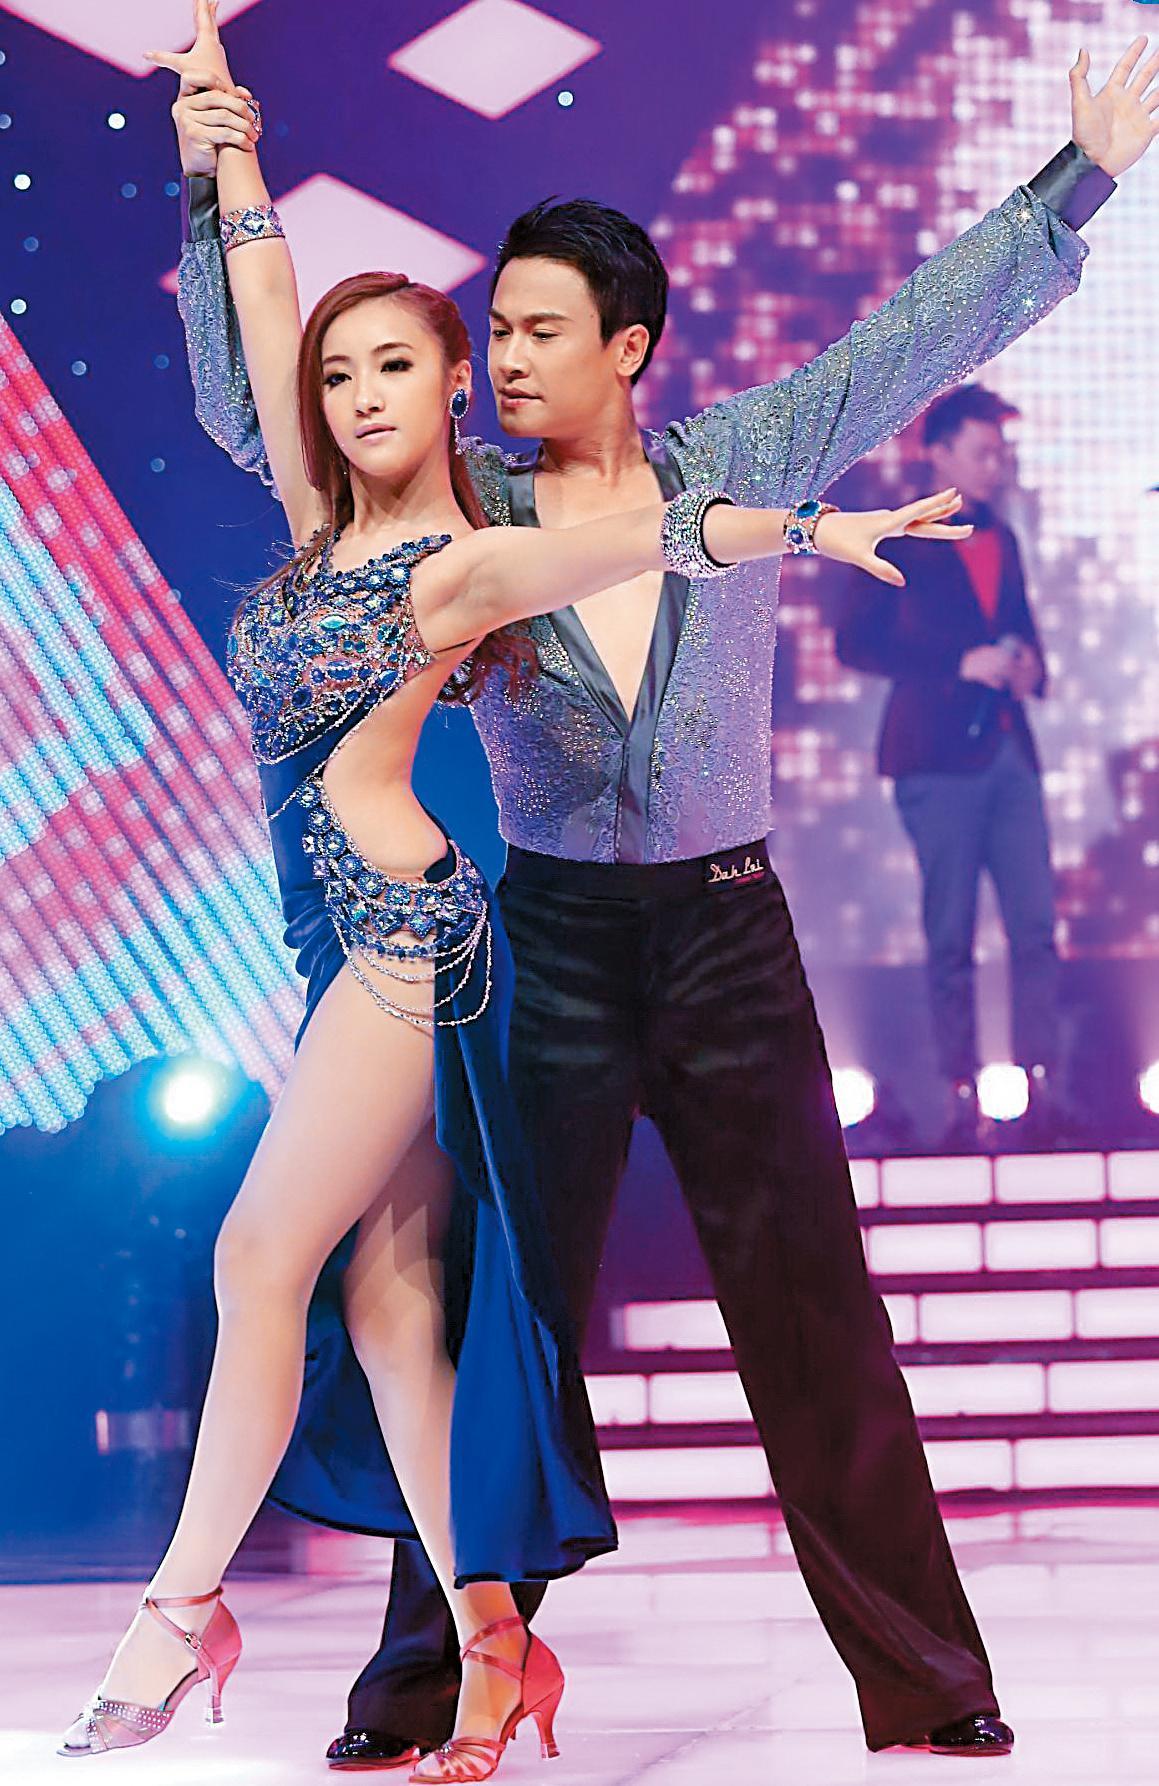 夏宇禾(左)2014年曾參加GINO主持的《舞力全開》獲得冠軍。右為王建復。(民視提供)